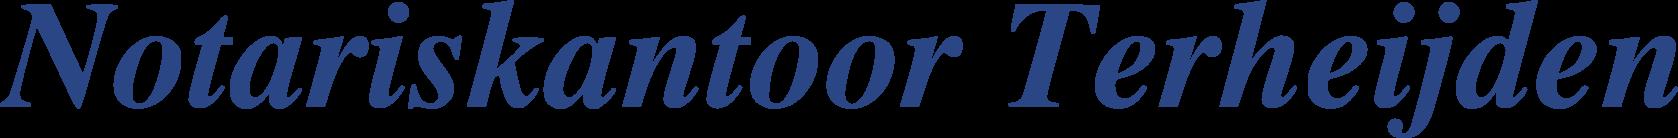 Notariskantoor Terheijden Logo